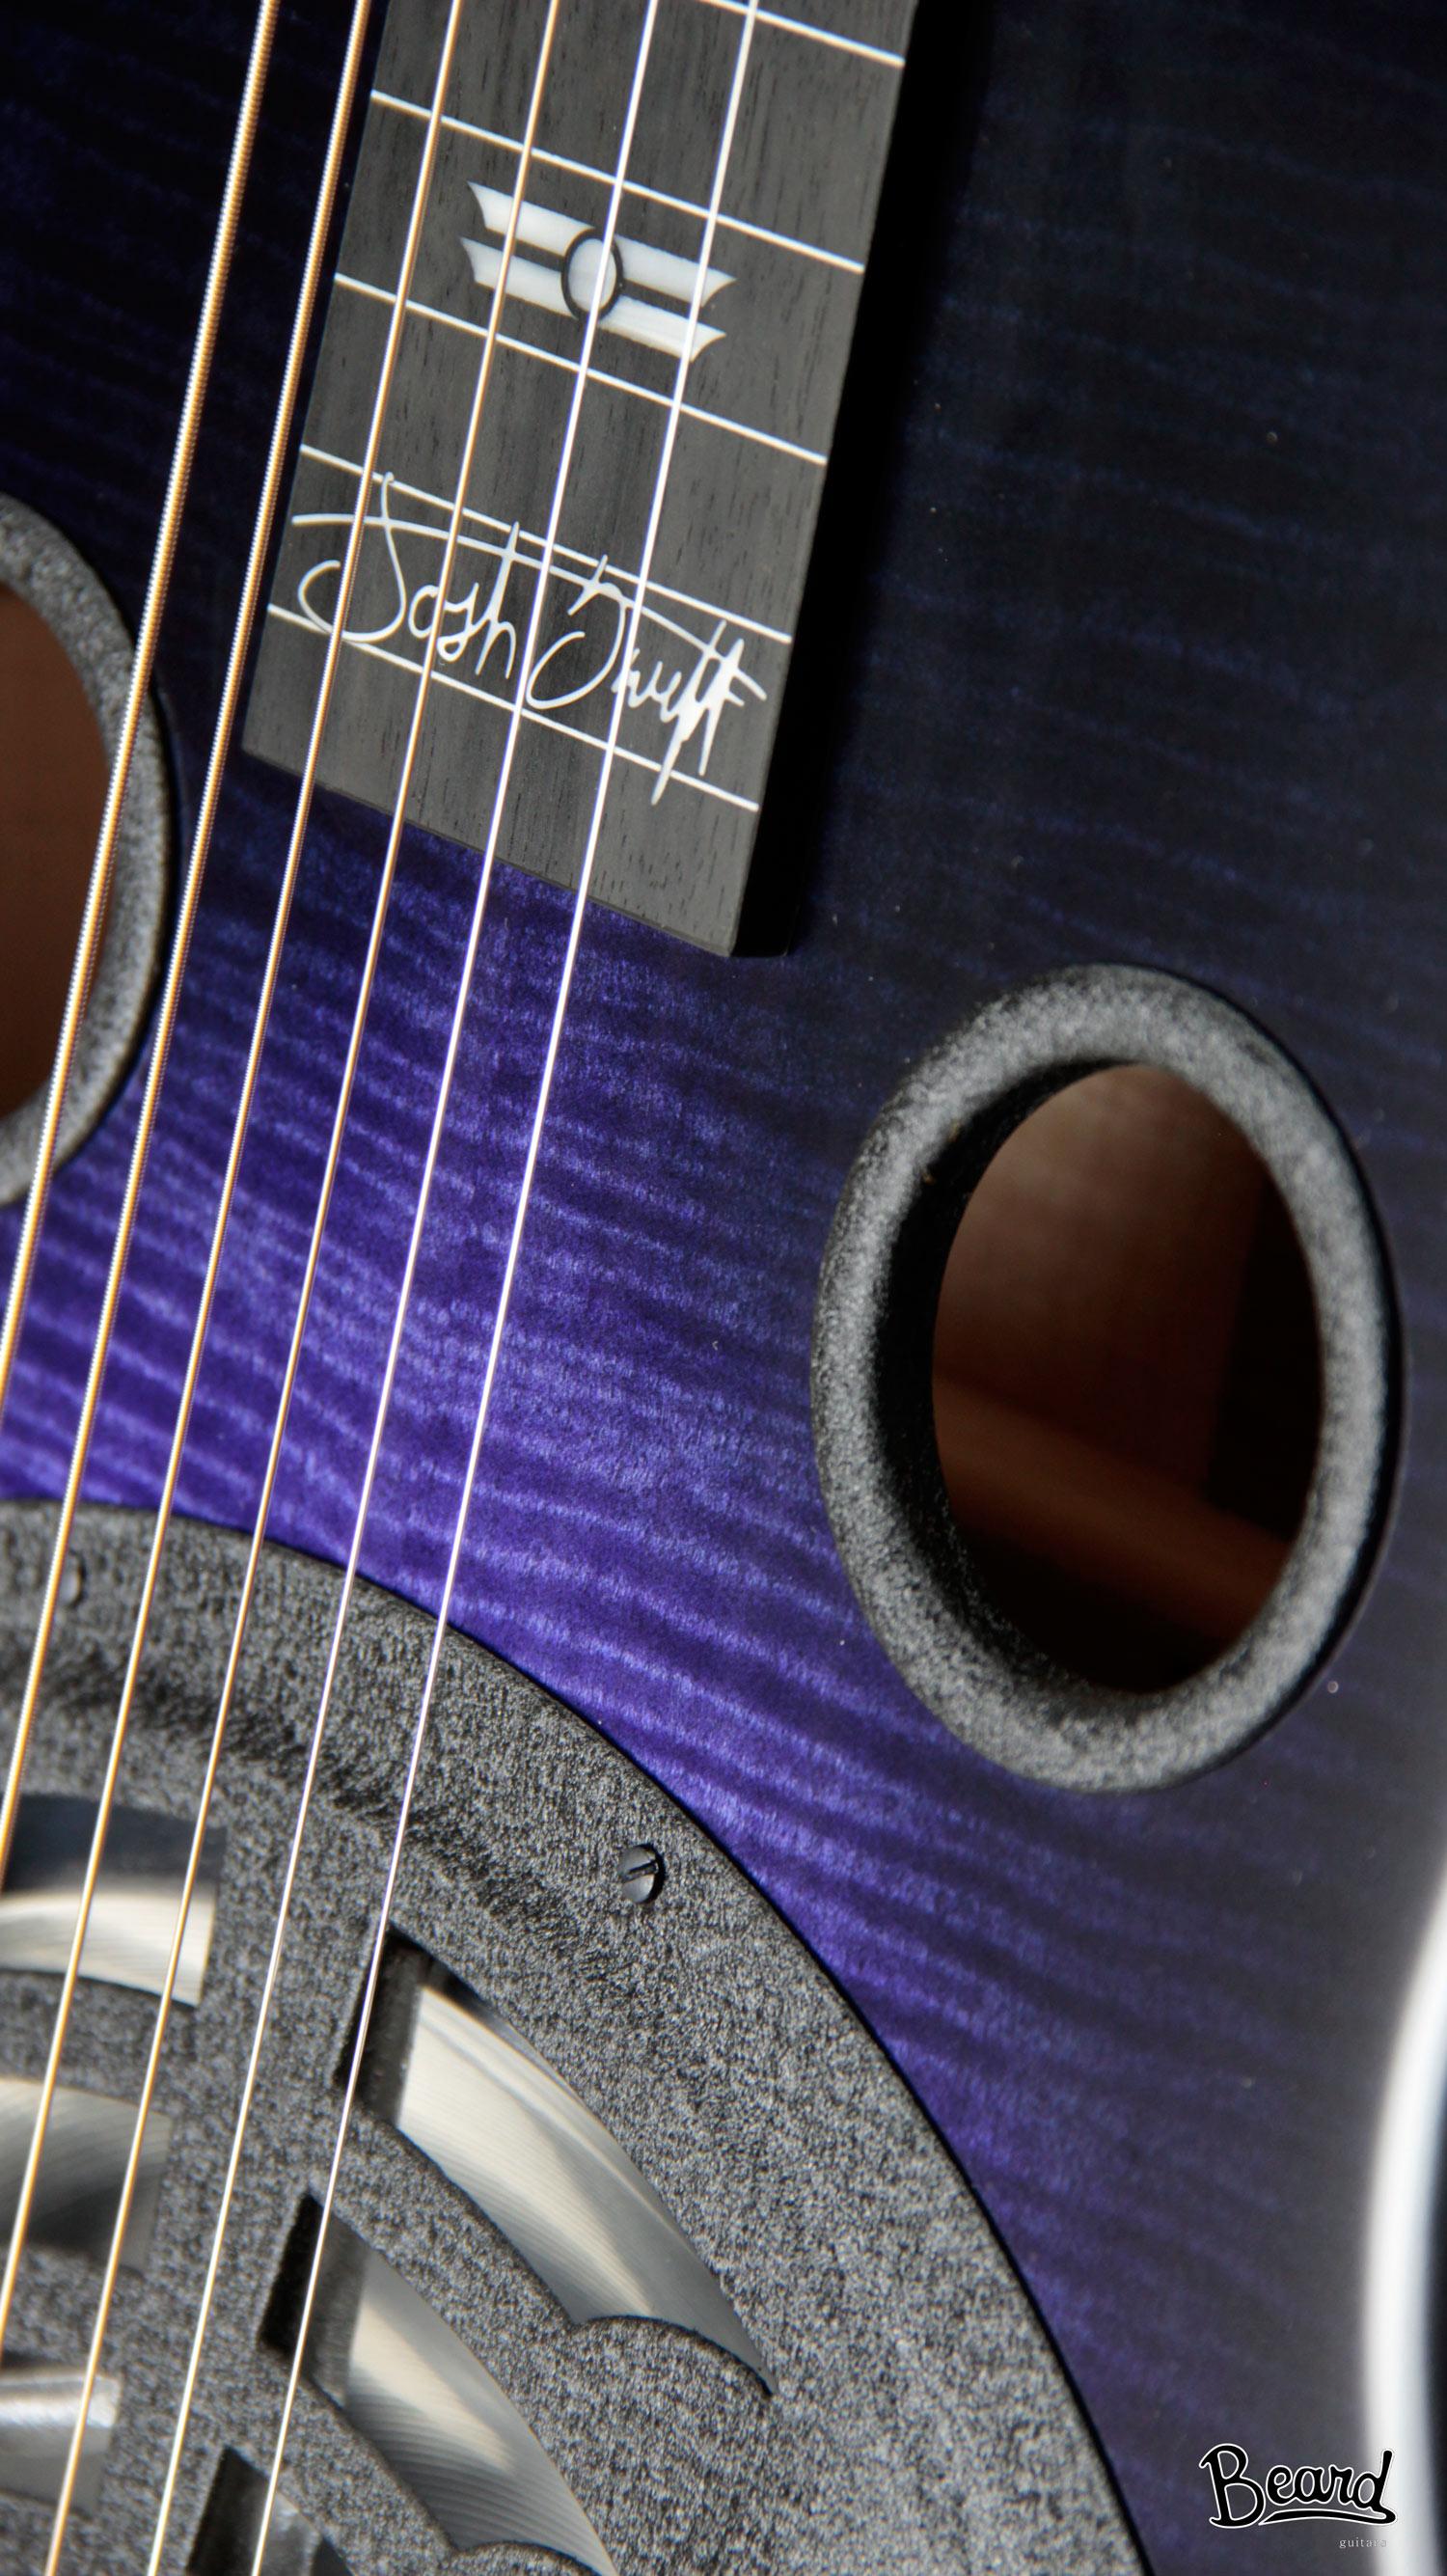 Josh-Swift-Purple-det-1.jpg